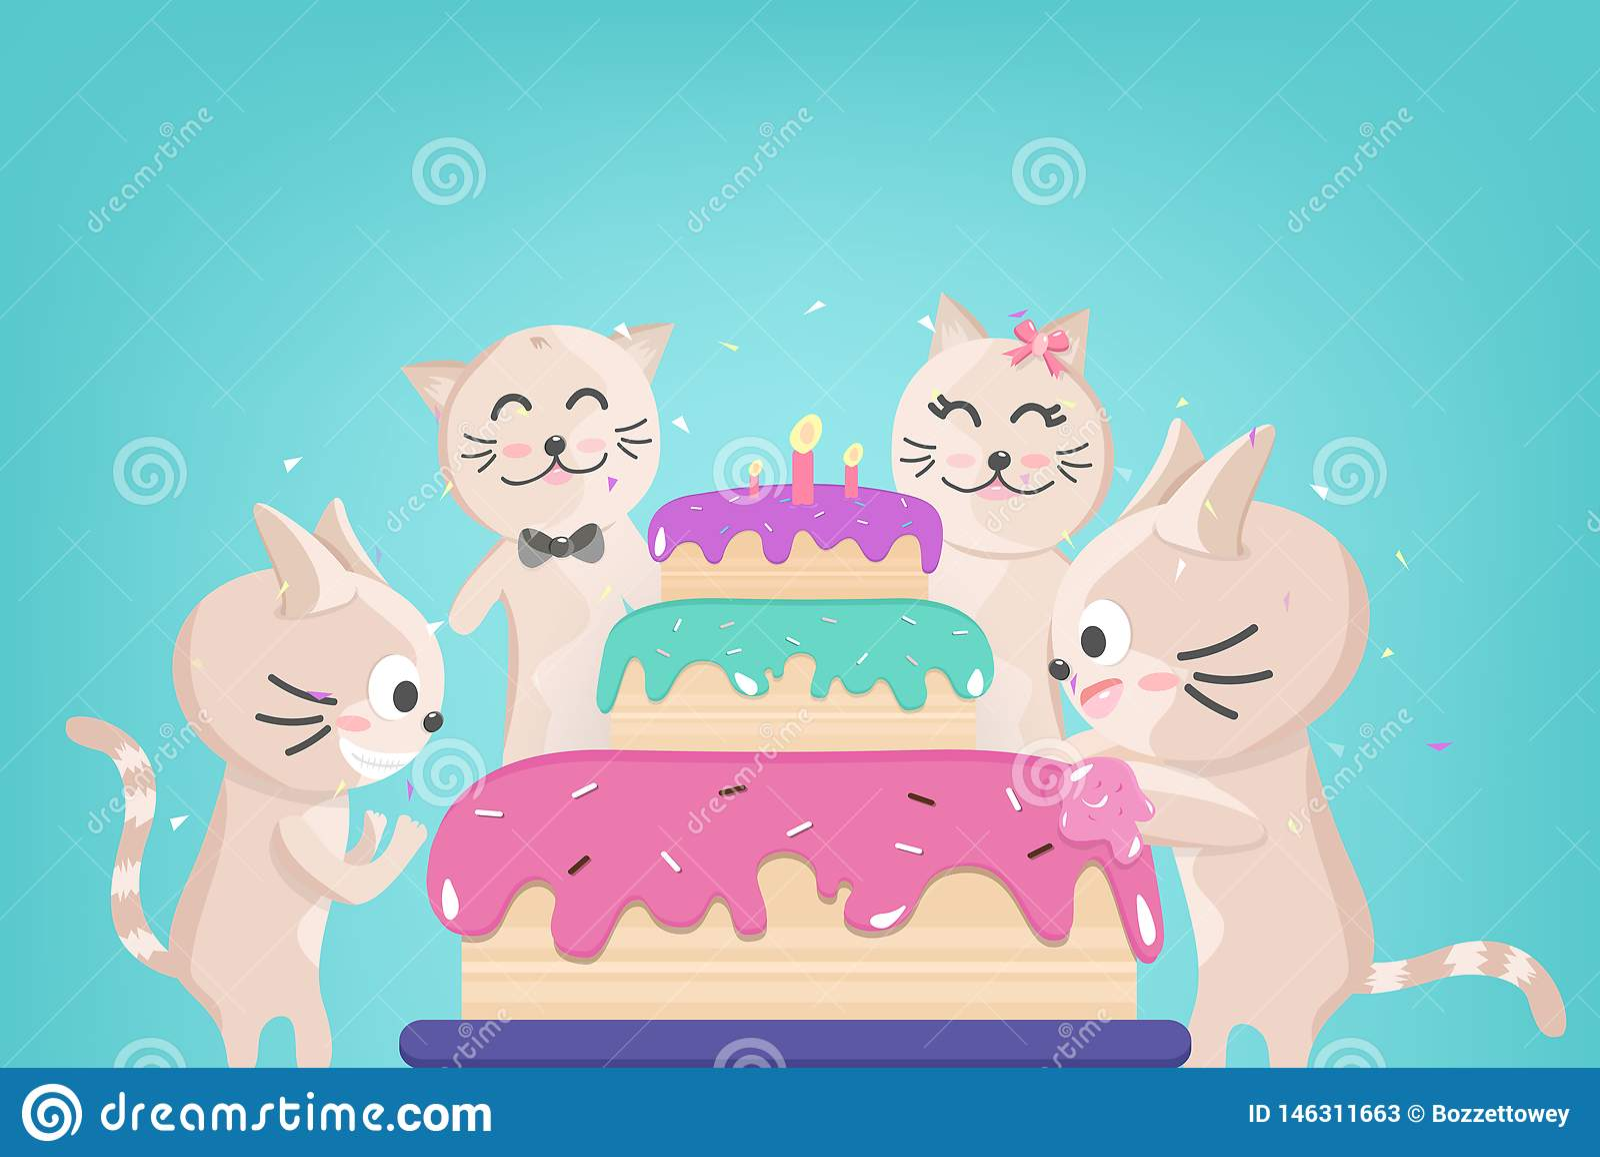 Torta di compleanno felice, celebrazione di famiglia sveglia del gattino, coriandoli che cadono per il partito, animale adorabile